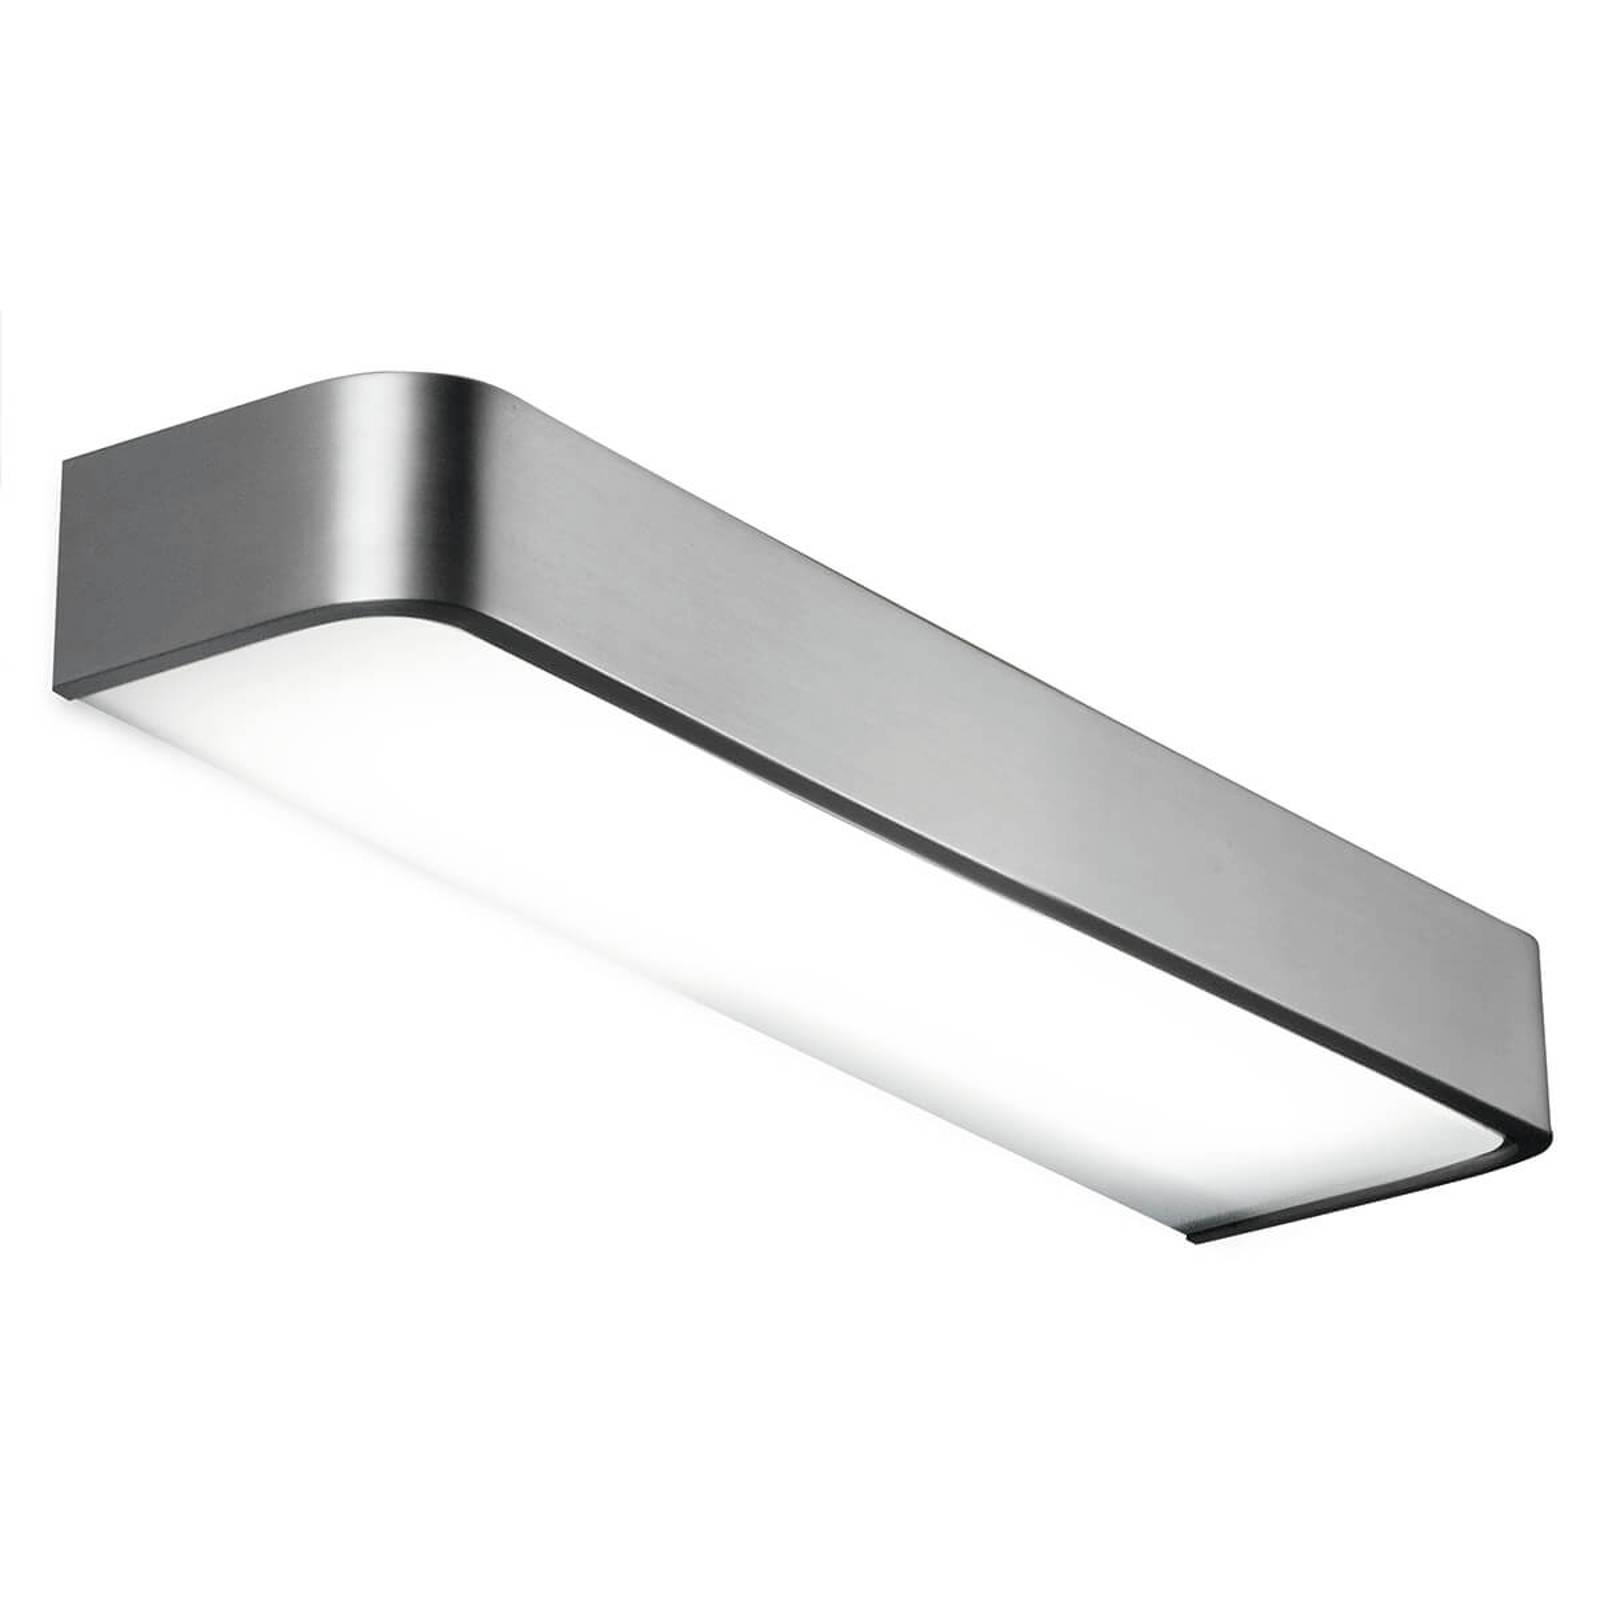 Kylpyhuoneen seinävalaisin Arcos LED 60 cm nikkeli